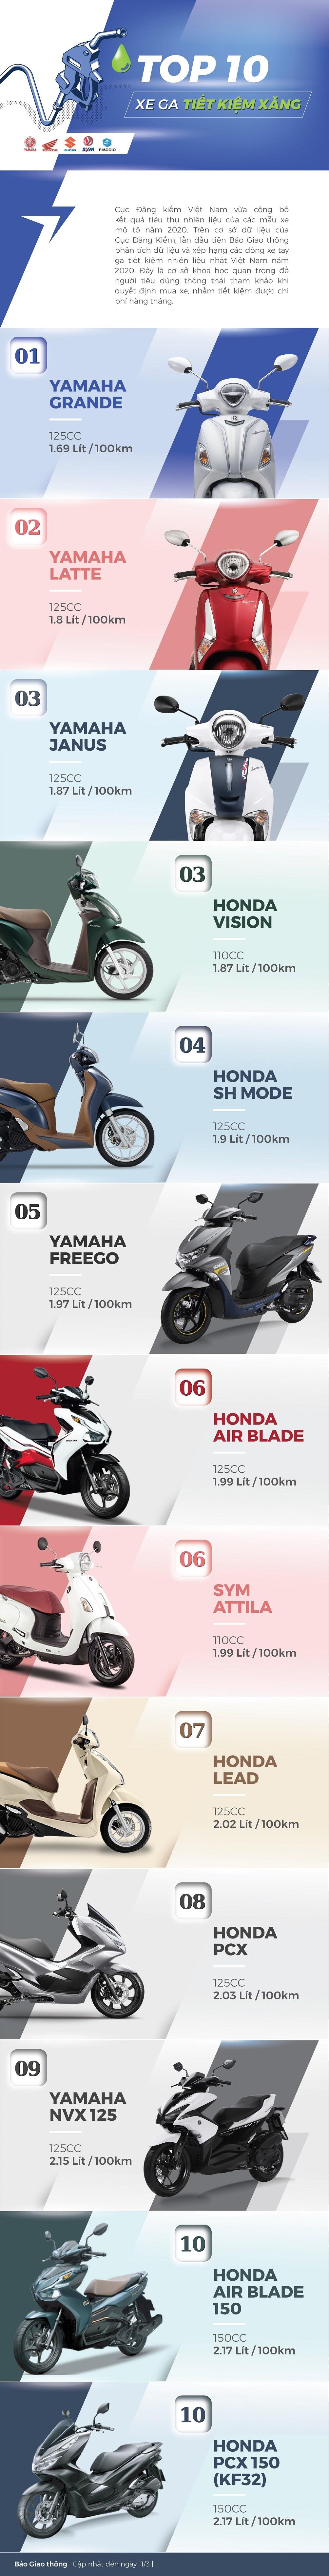 Infographic: Công bố bảng xếp hạng xe ga tiết kiệm nhiên liệu nhất Việt Nam - 1